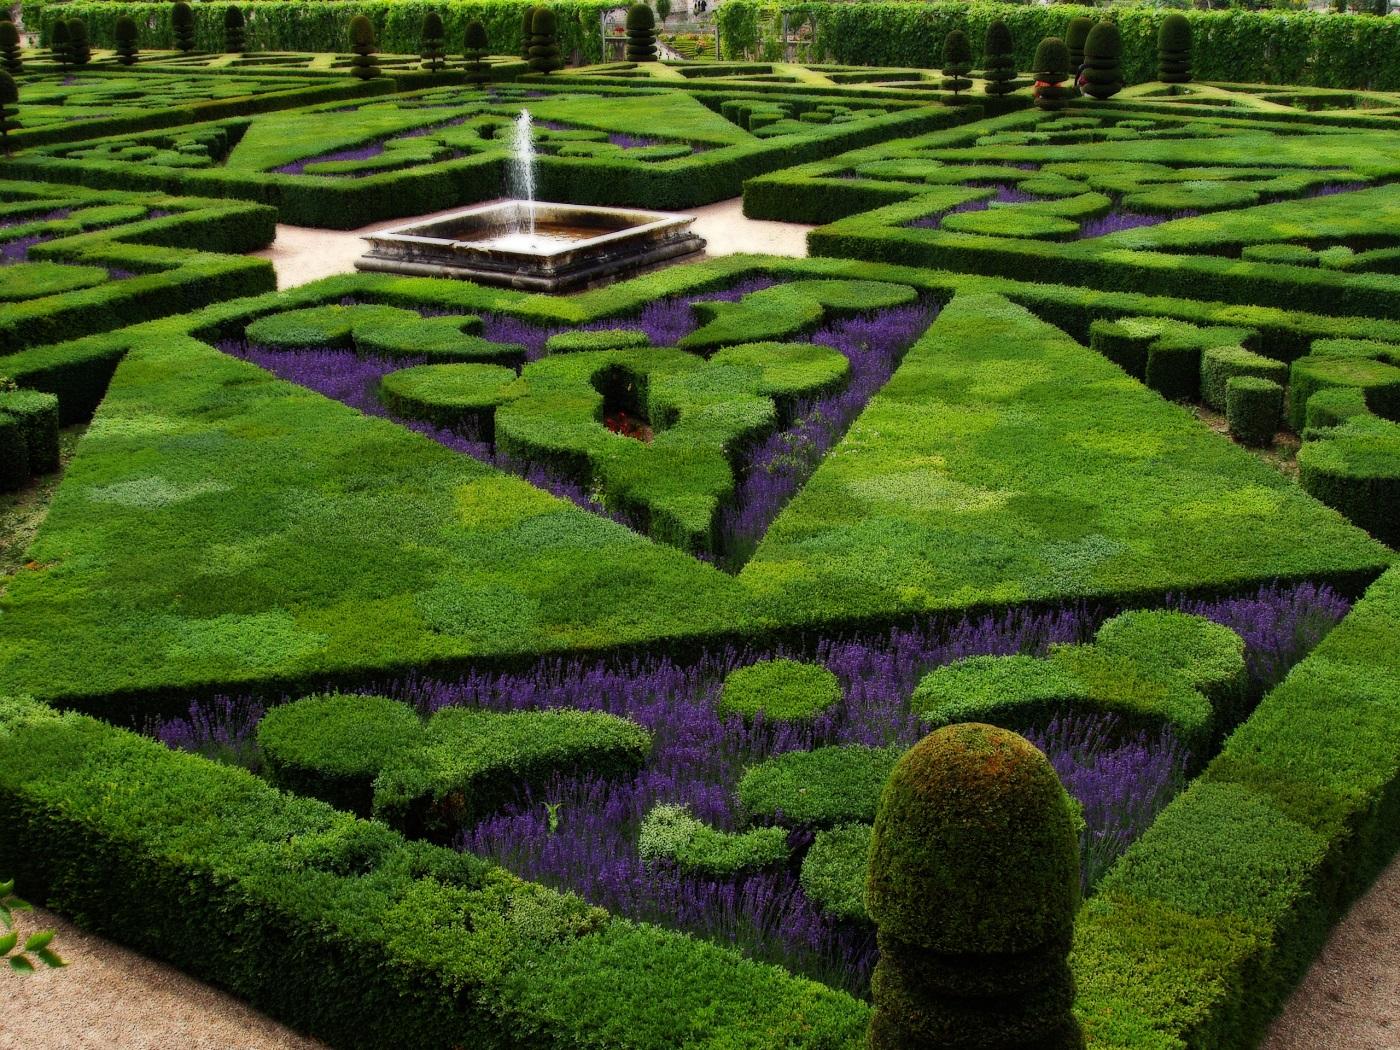 Grădinile castelelor, locuri perfecte pentru plimbări